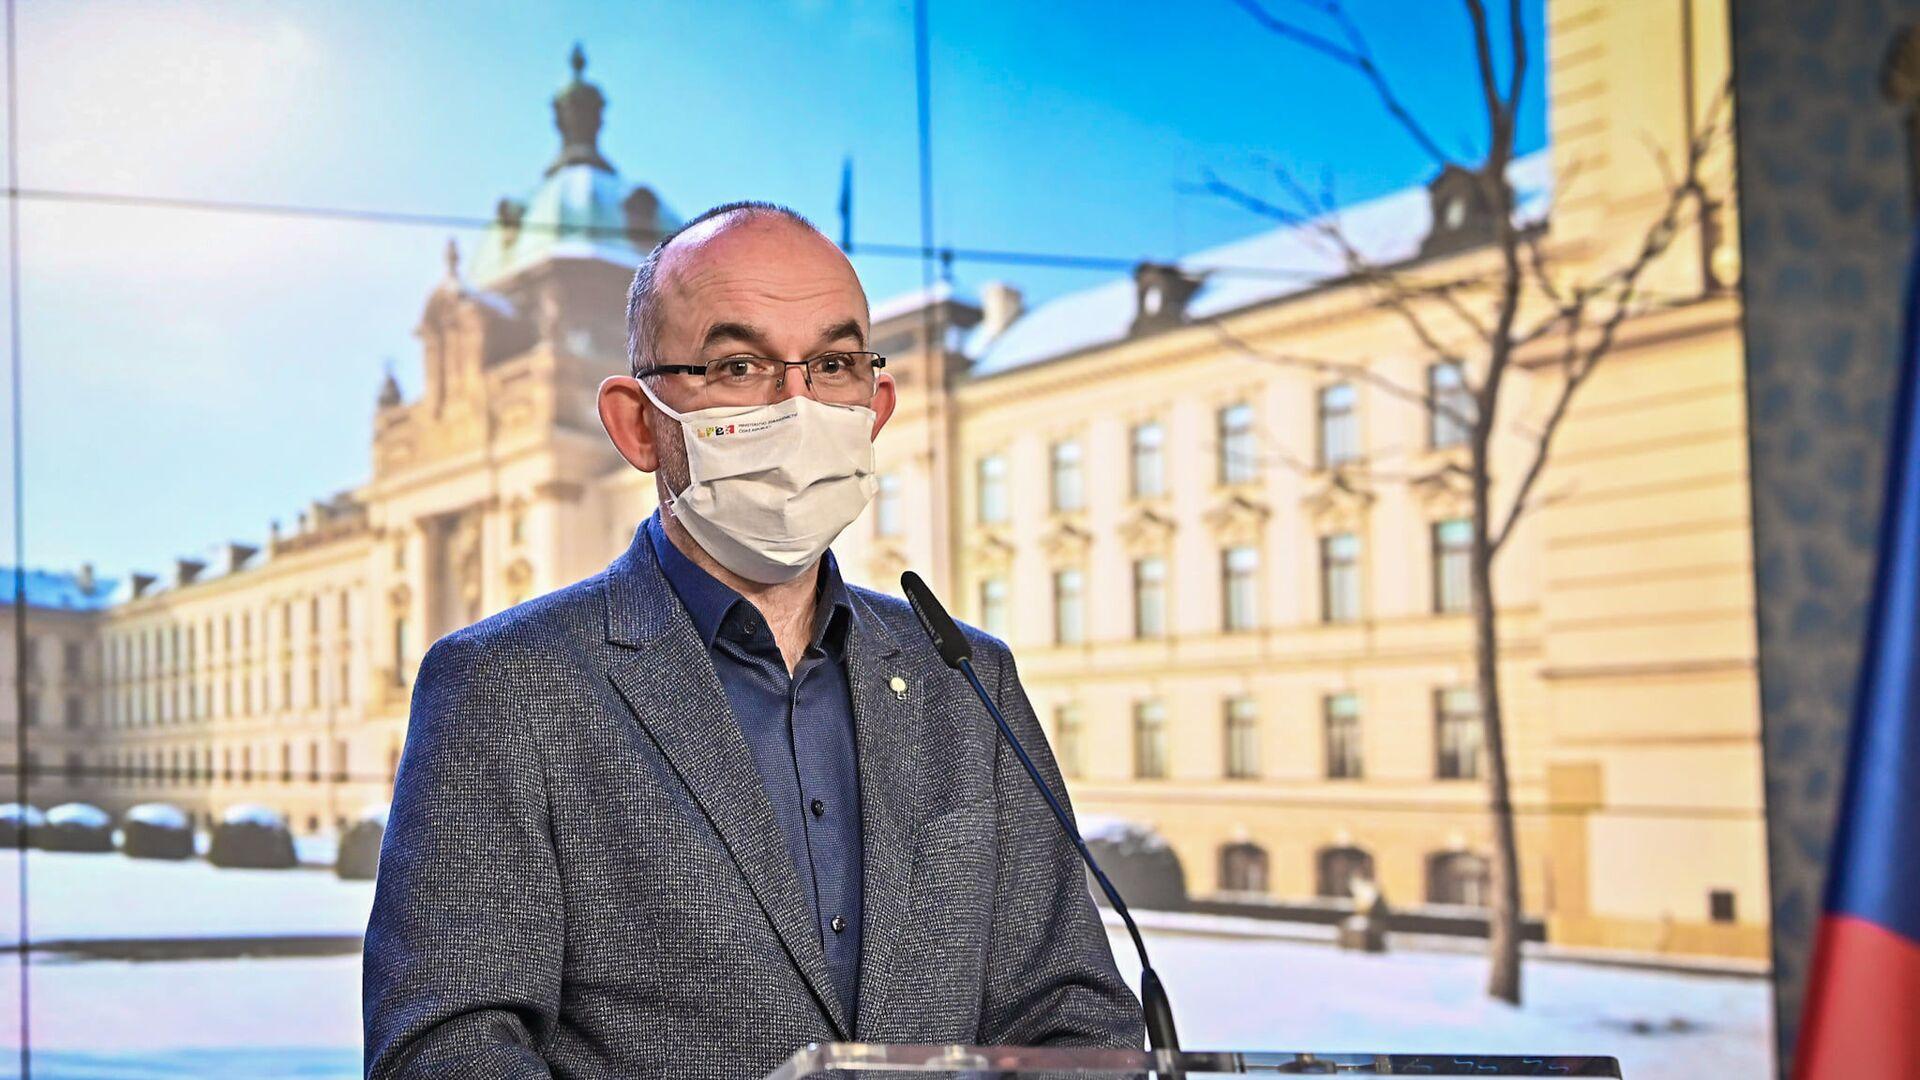 Ministr zdravotnictví Jan Blatný - Sputnik Česká republika, 1920, 27.02.2021